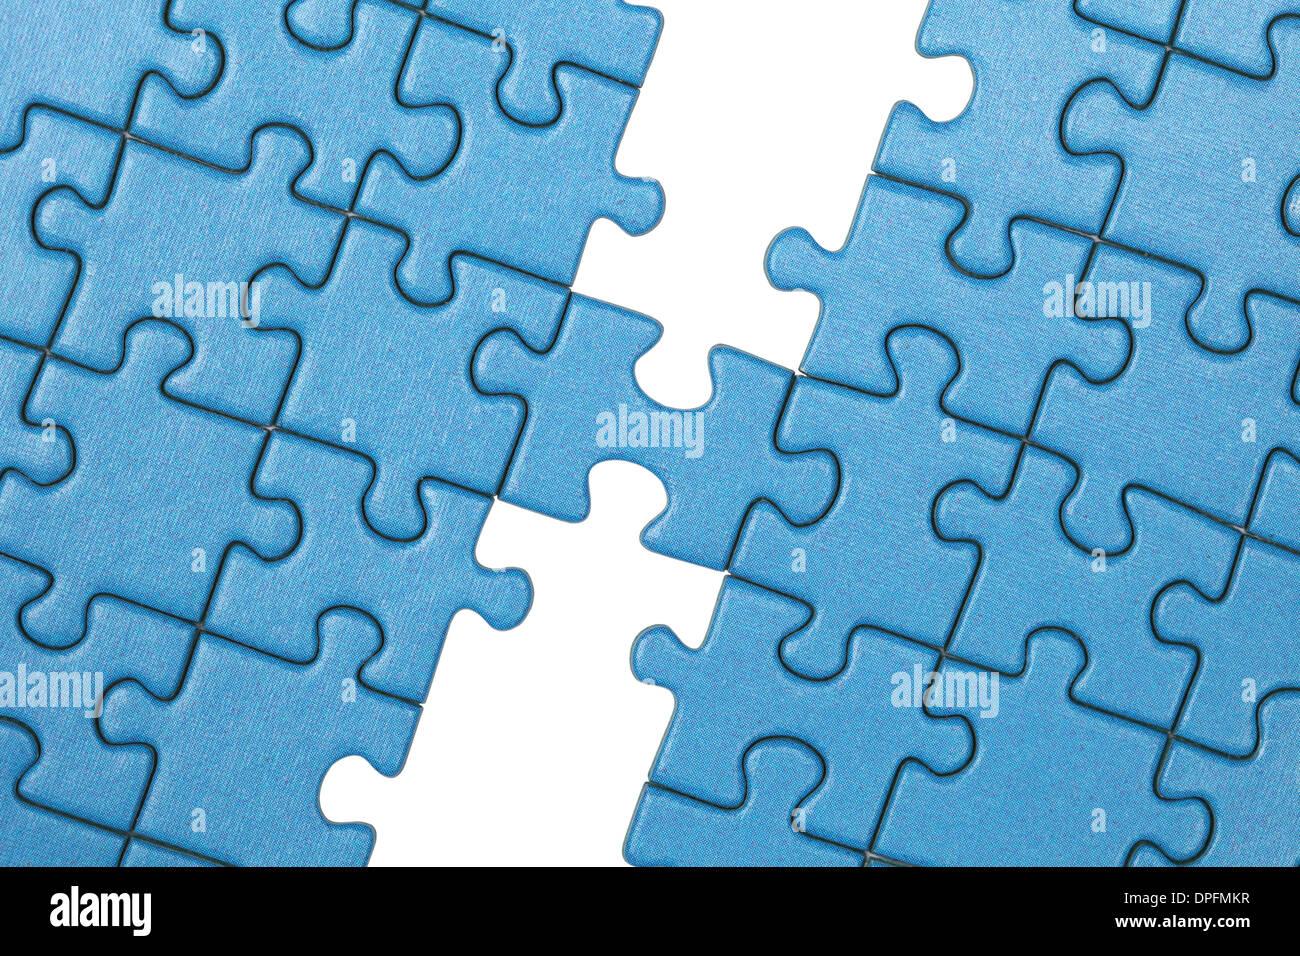 Imagen simbólica que muestra la conexión entre dos piezas de un rompecabezas Imagen De Stock